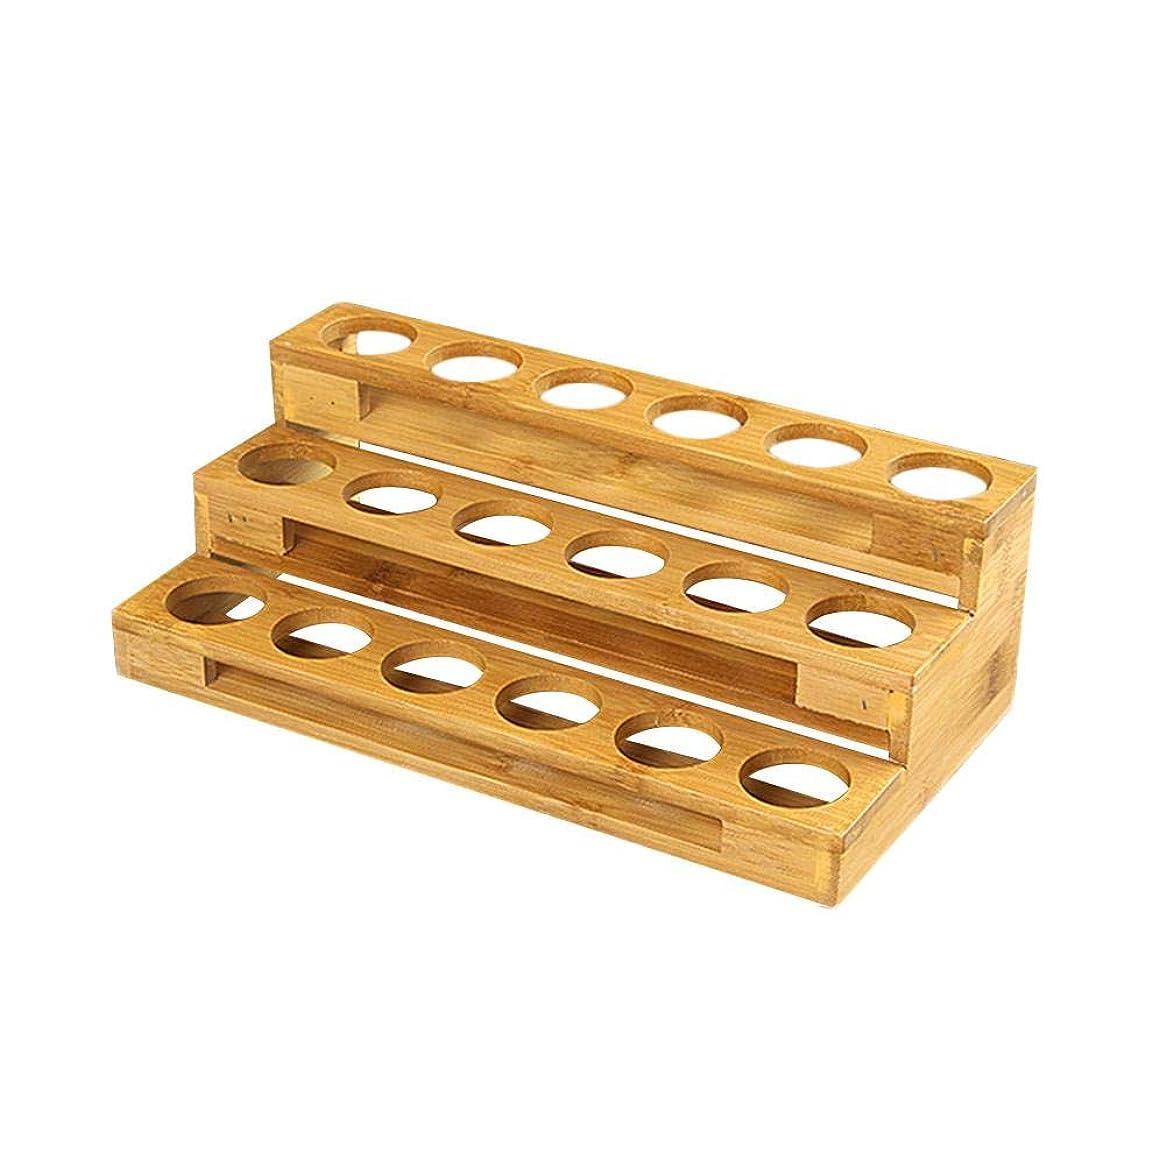 日マーガレットミッチェルメロディアスPursue アロマオイルスタンド 精油収納 香水展示スタンド エッセンシャルオイル収納 木製 18本用